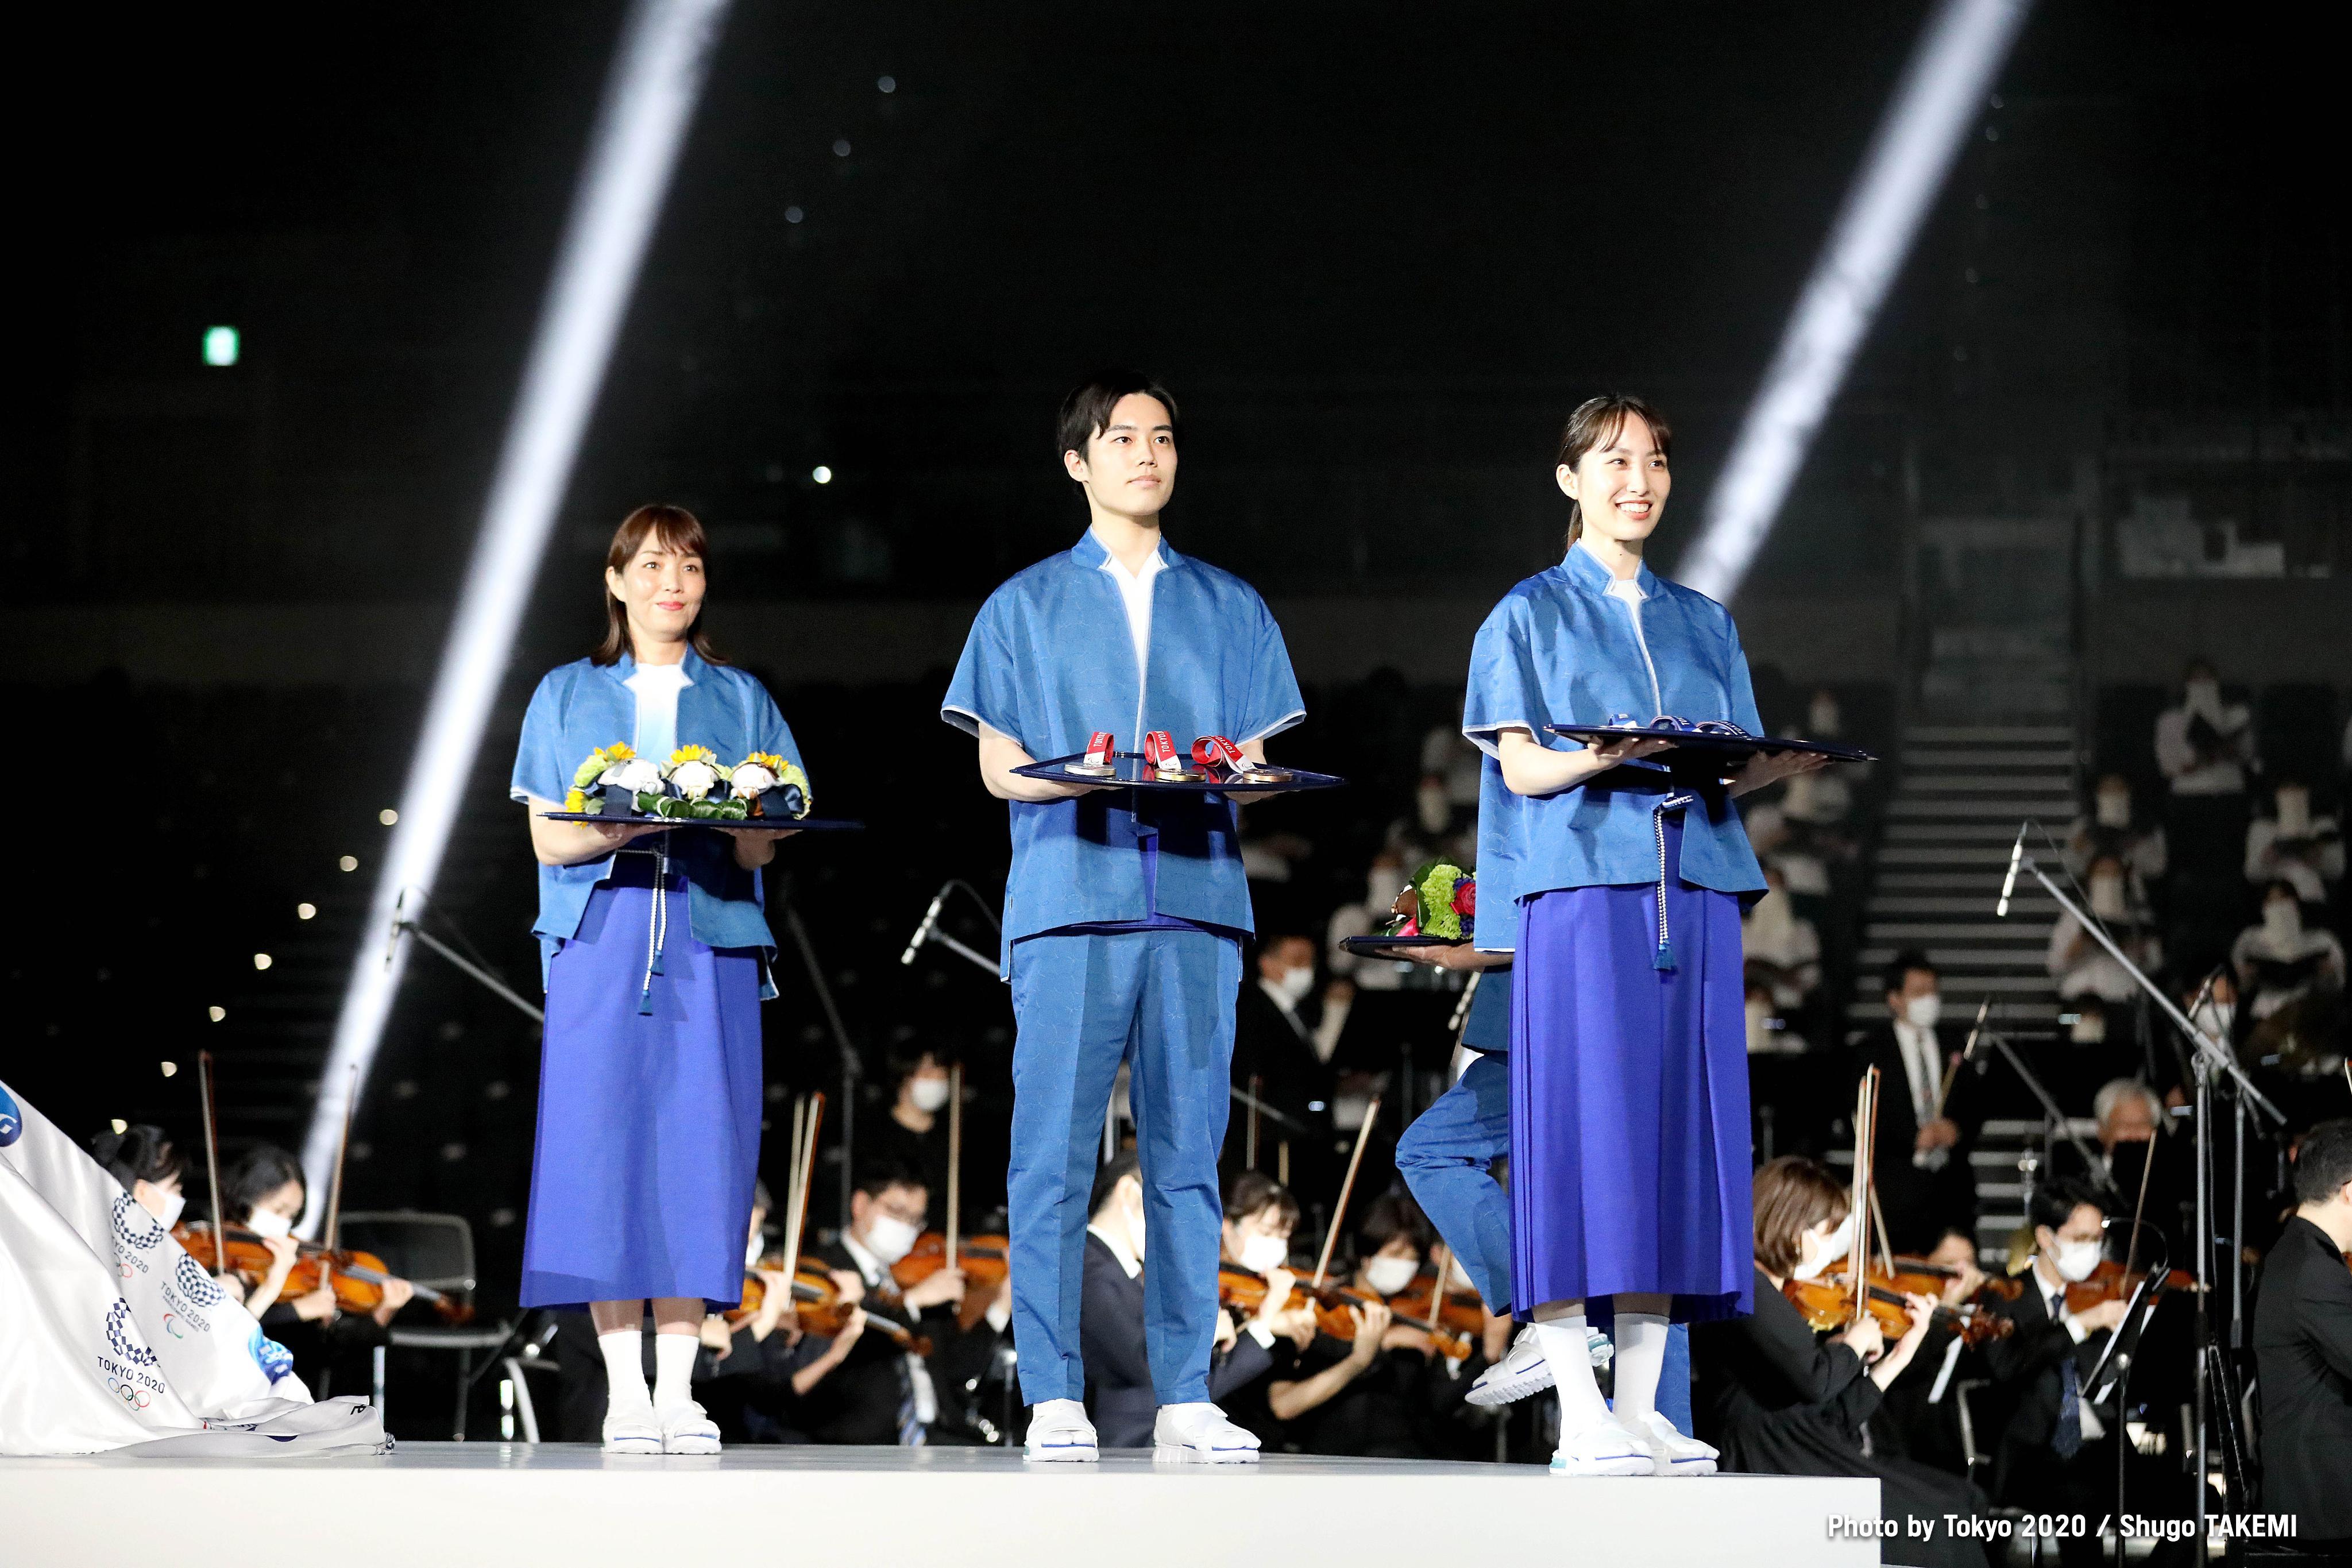 Con público en las gradas durante Juegos Olímpicos. Foto: Twitter